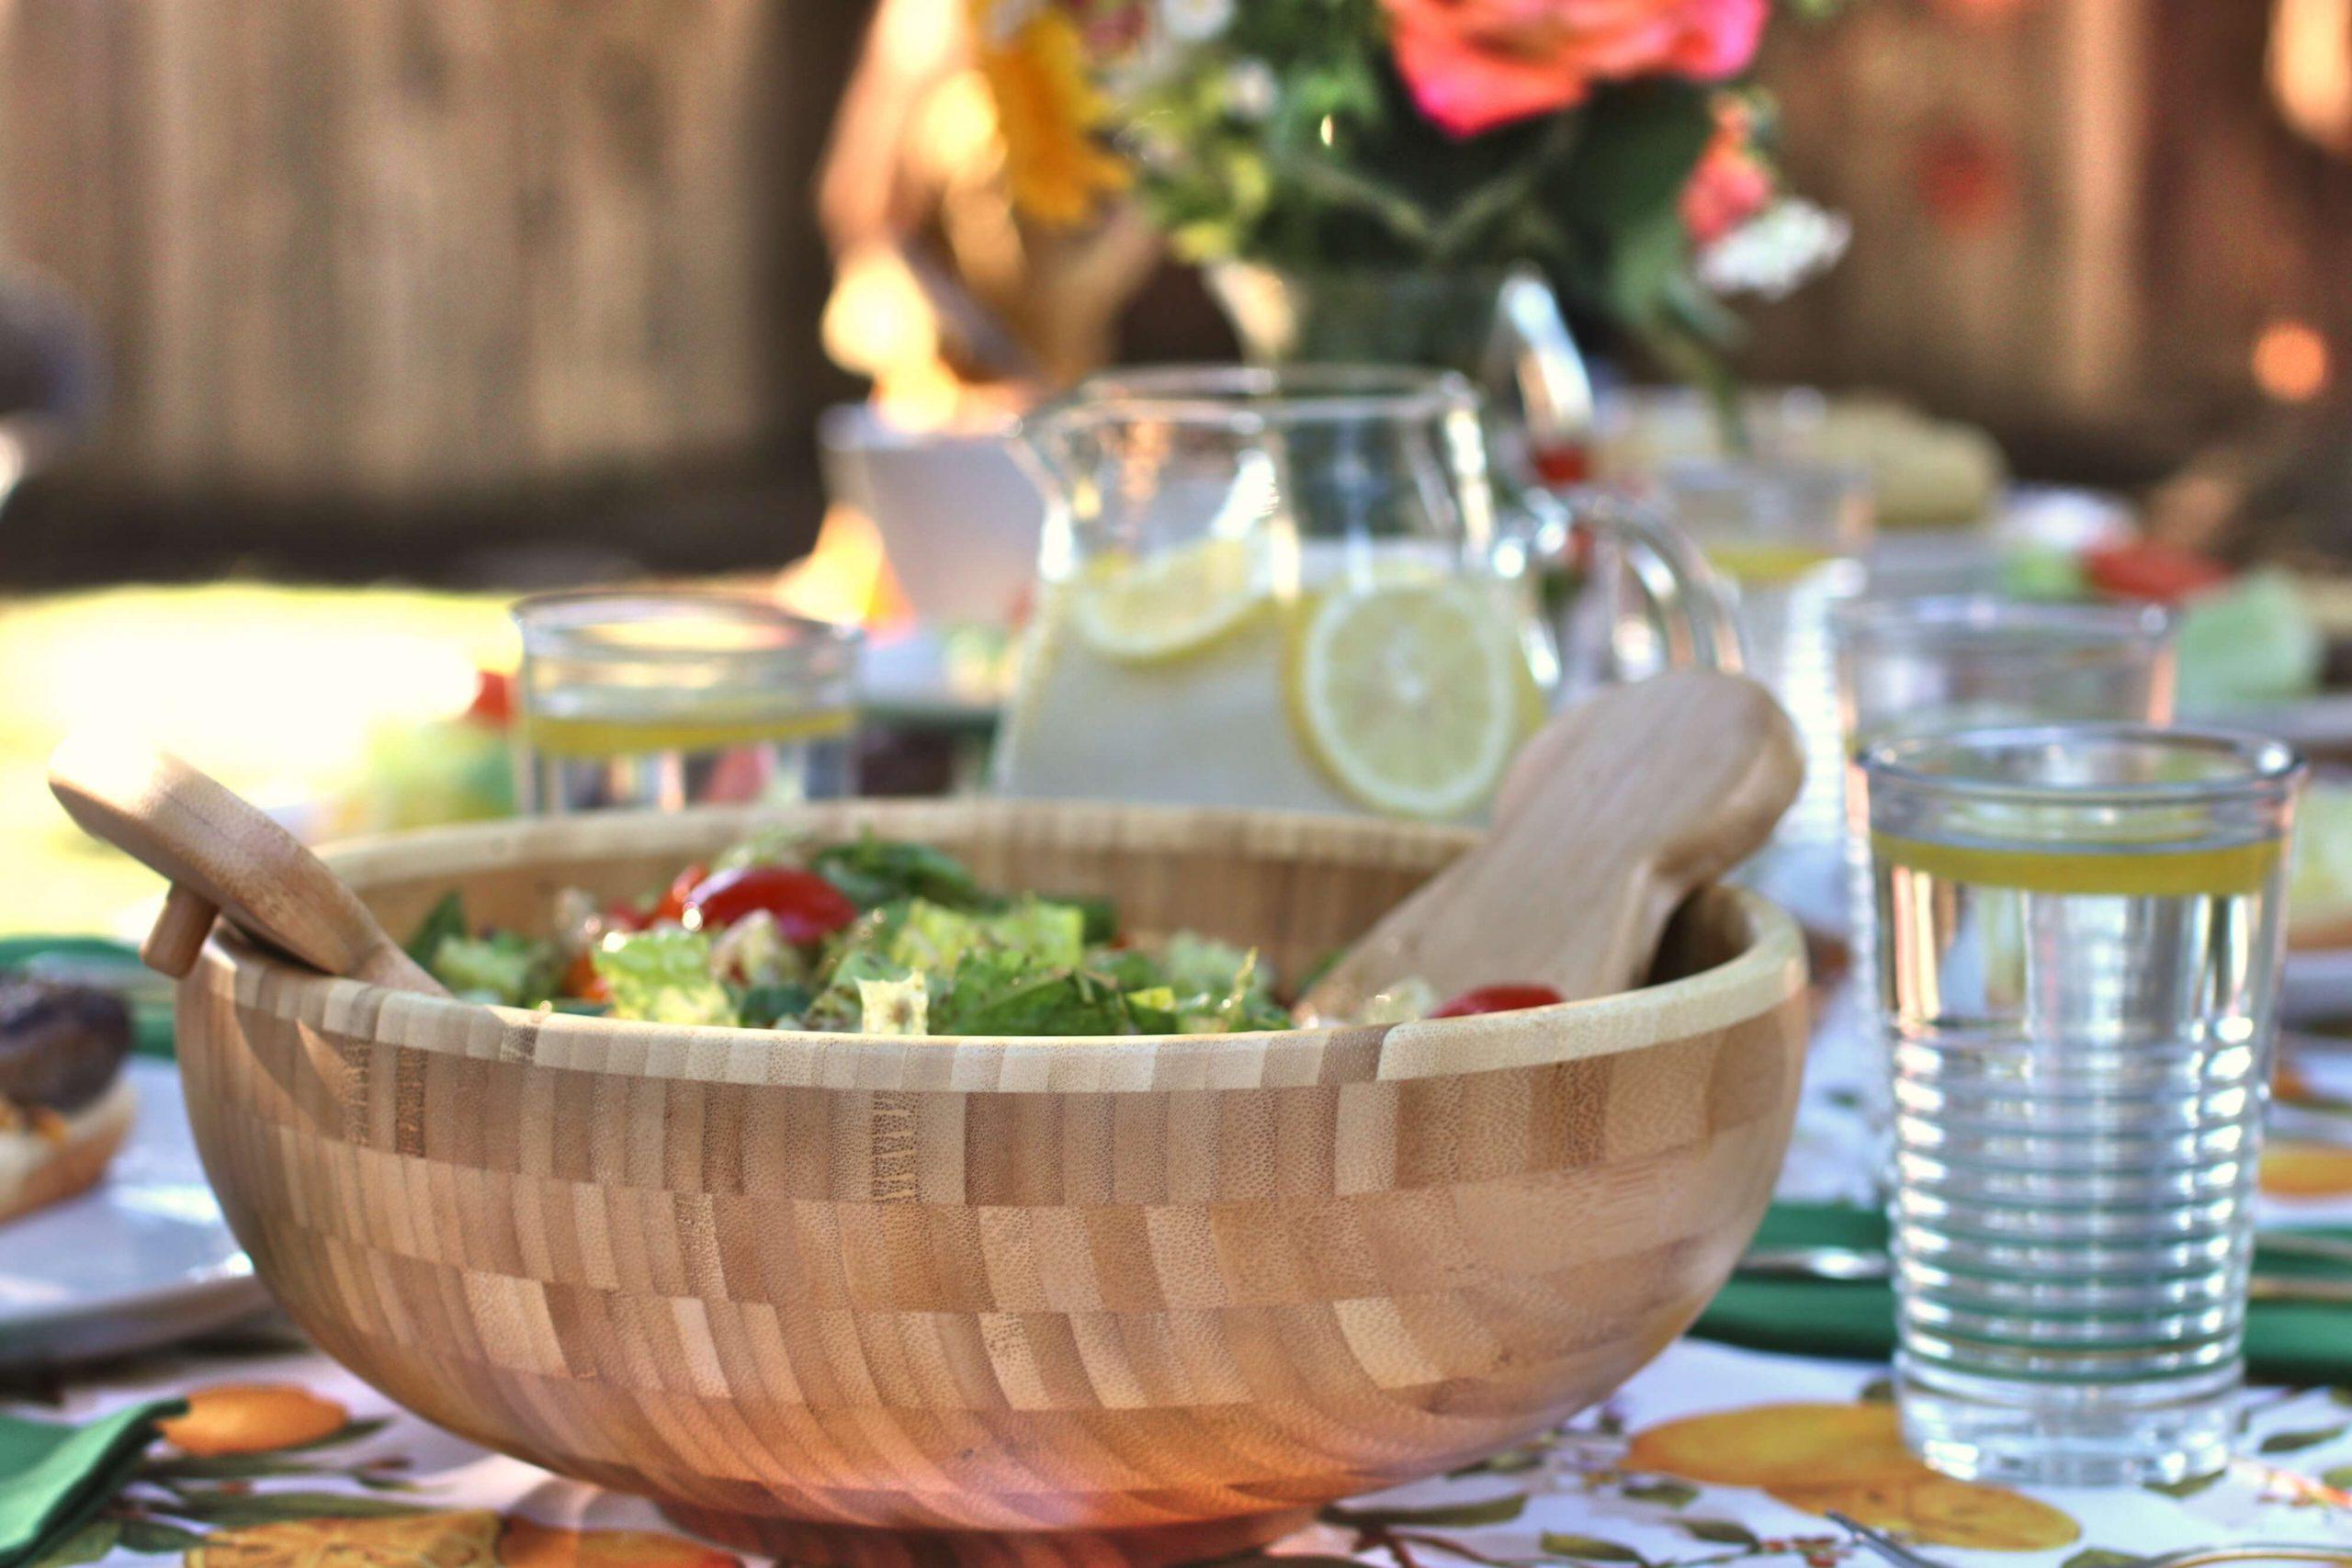 Salad bowl on picnic table